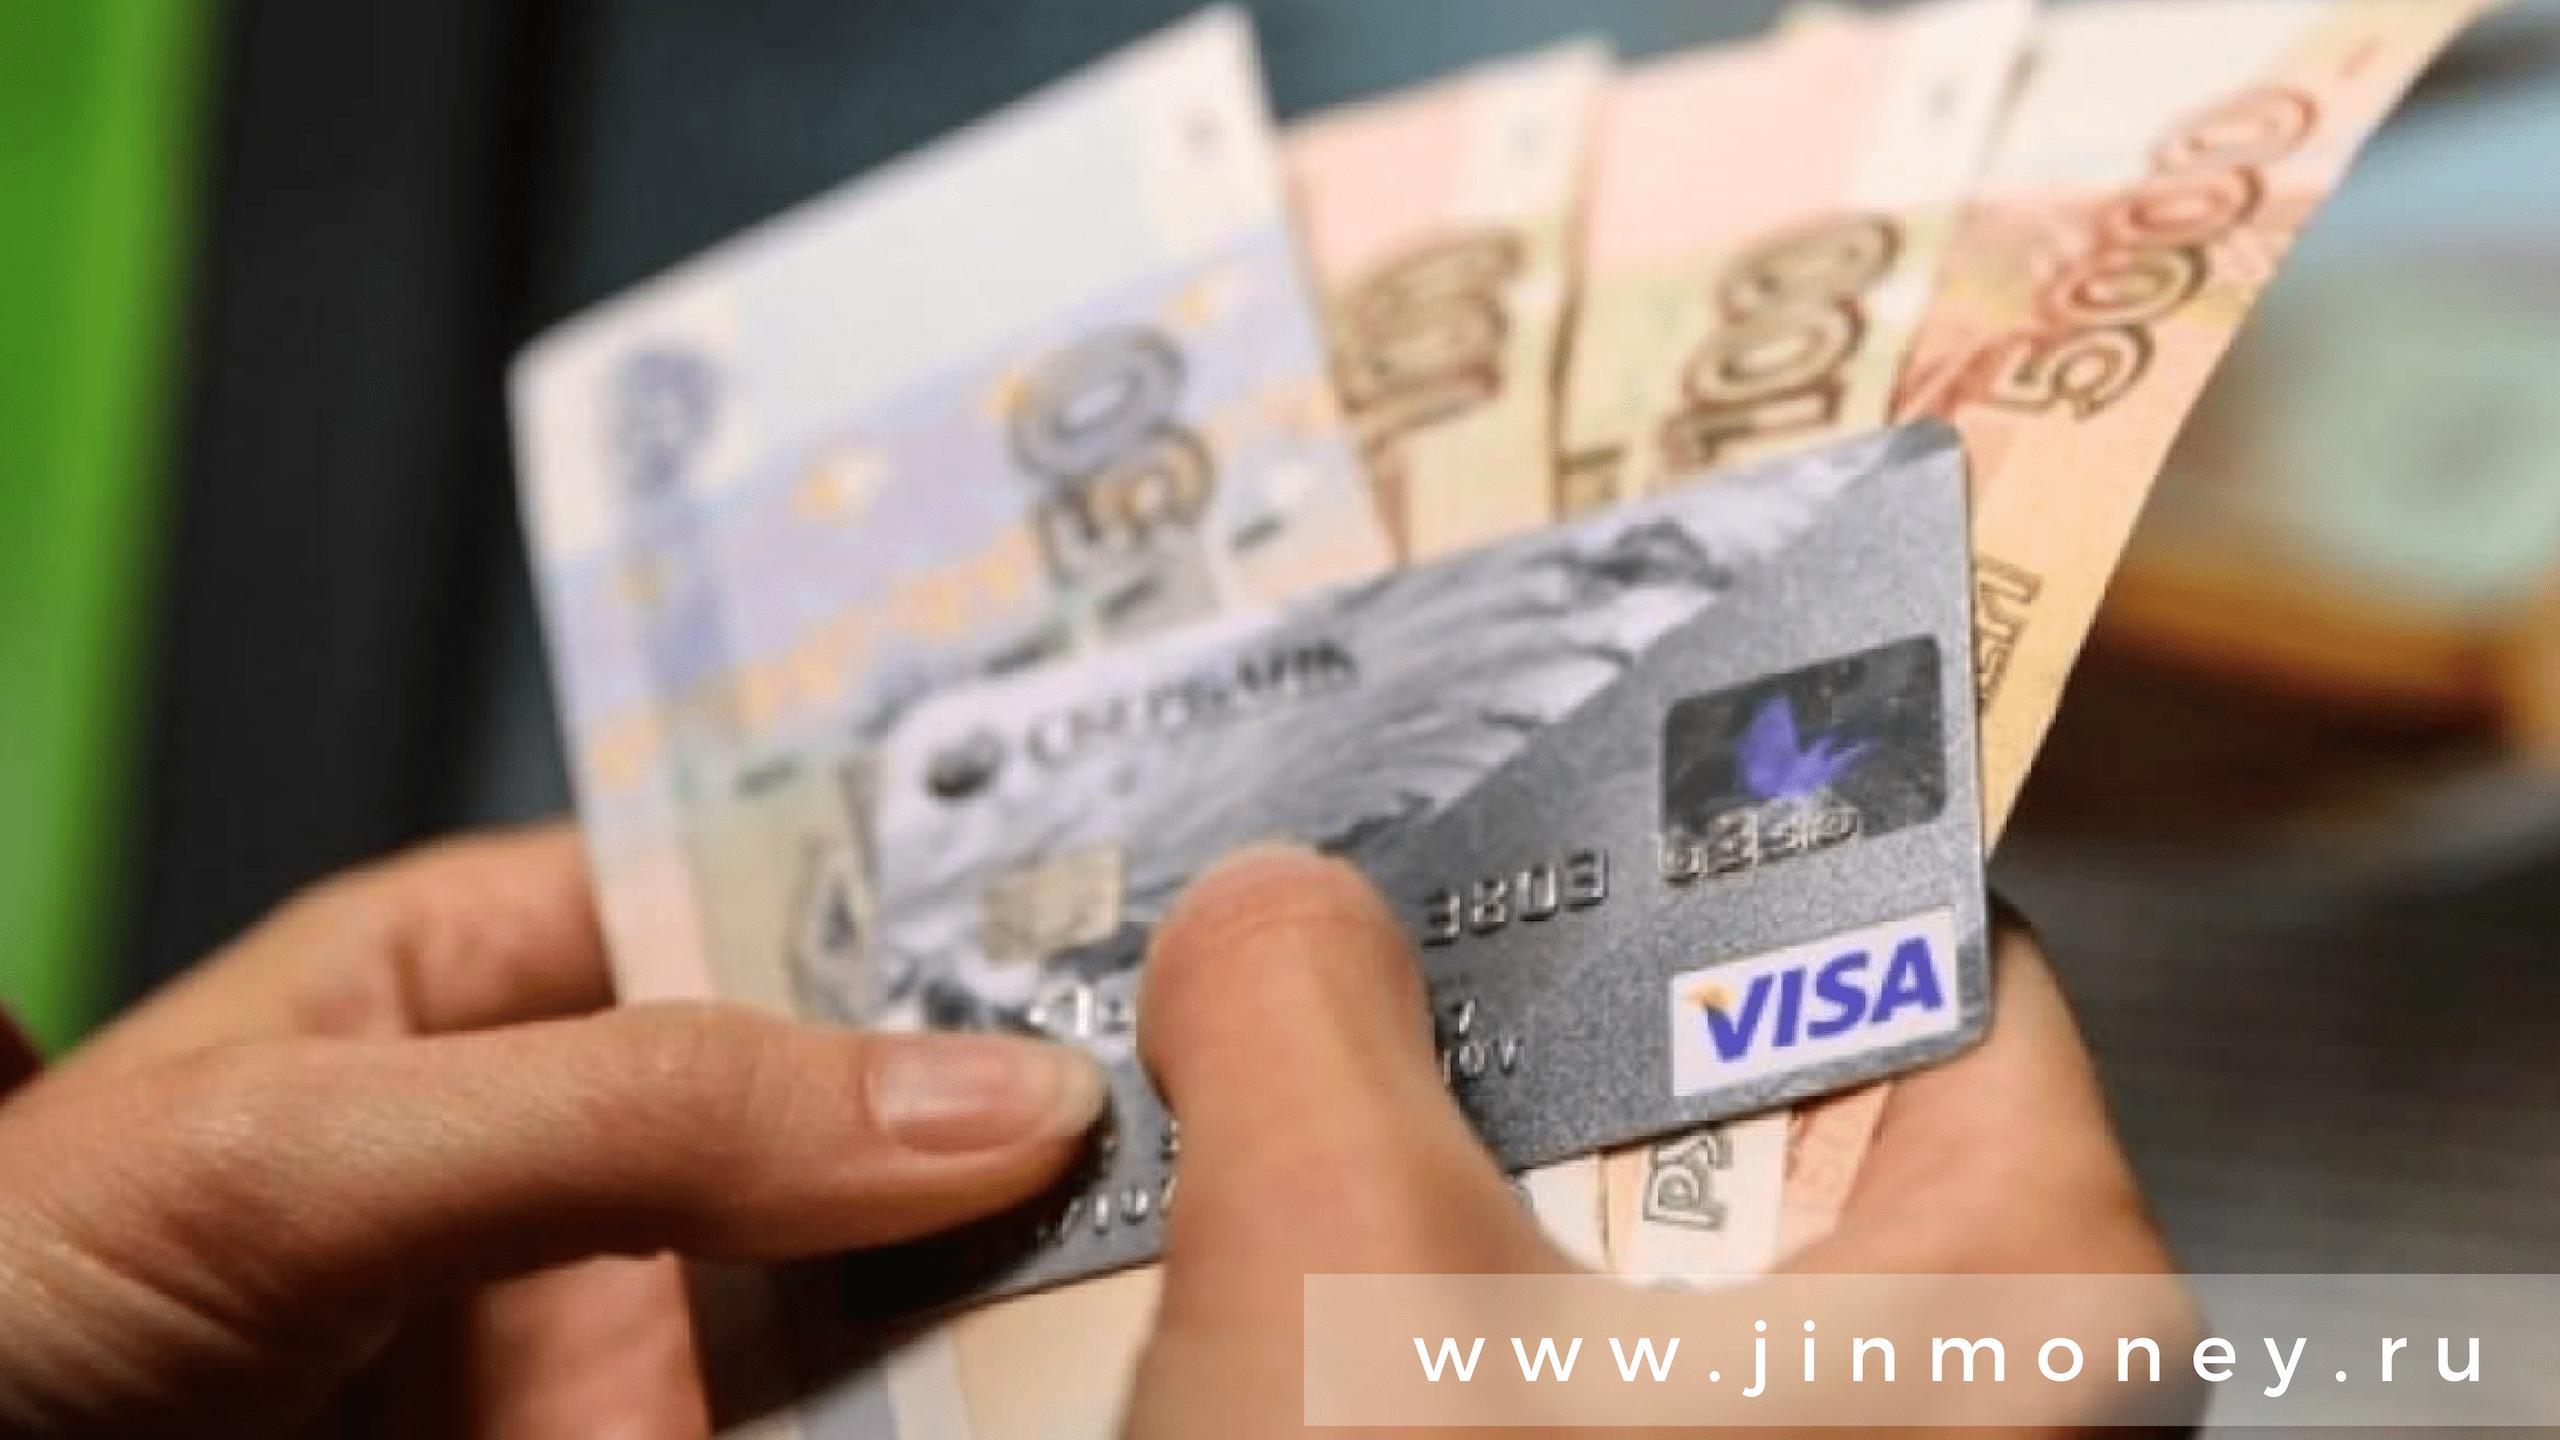 возможность снять наличные с карты visa в кассах магазина